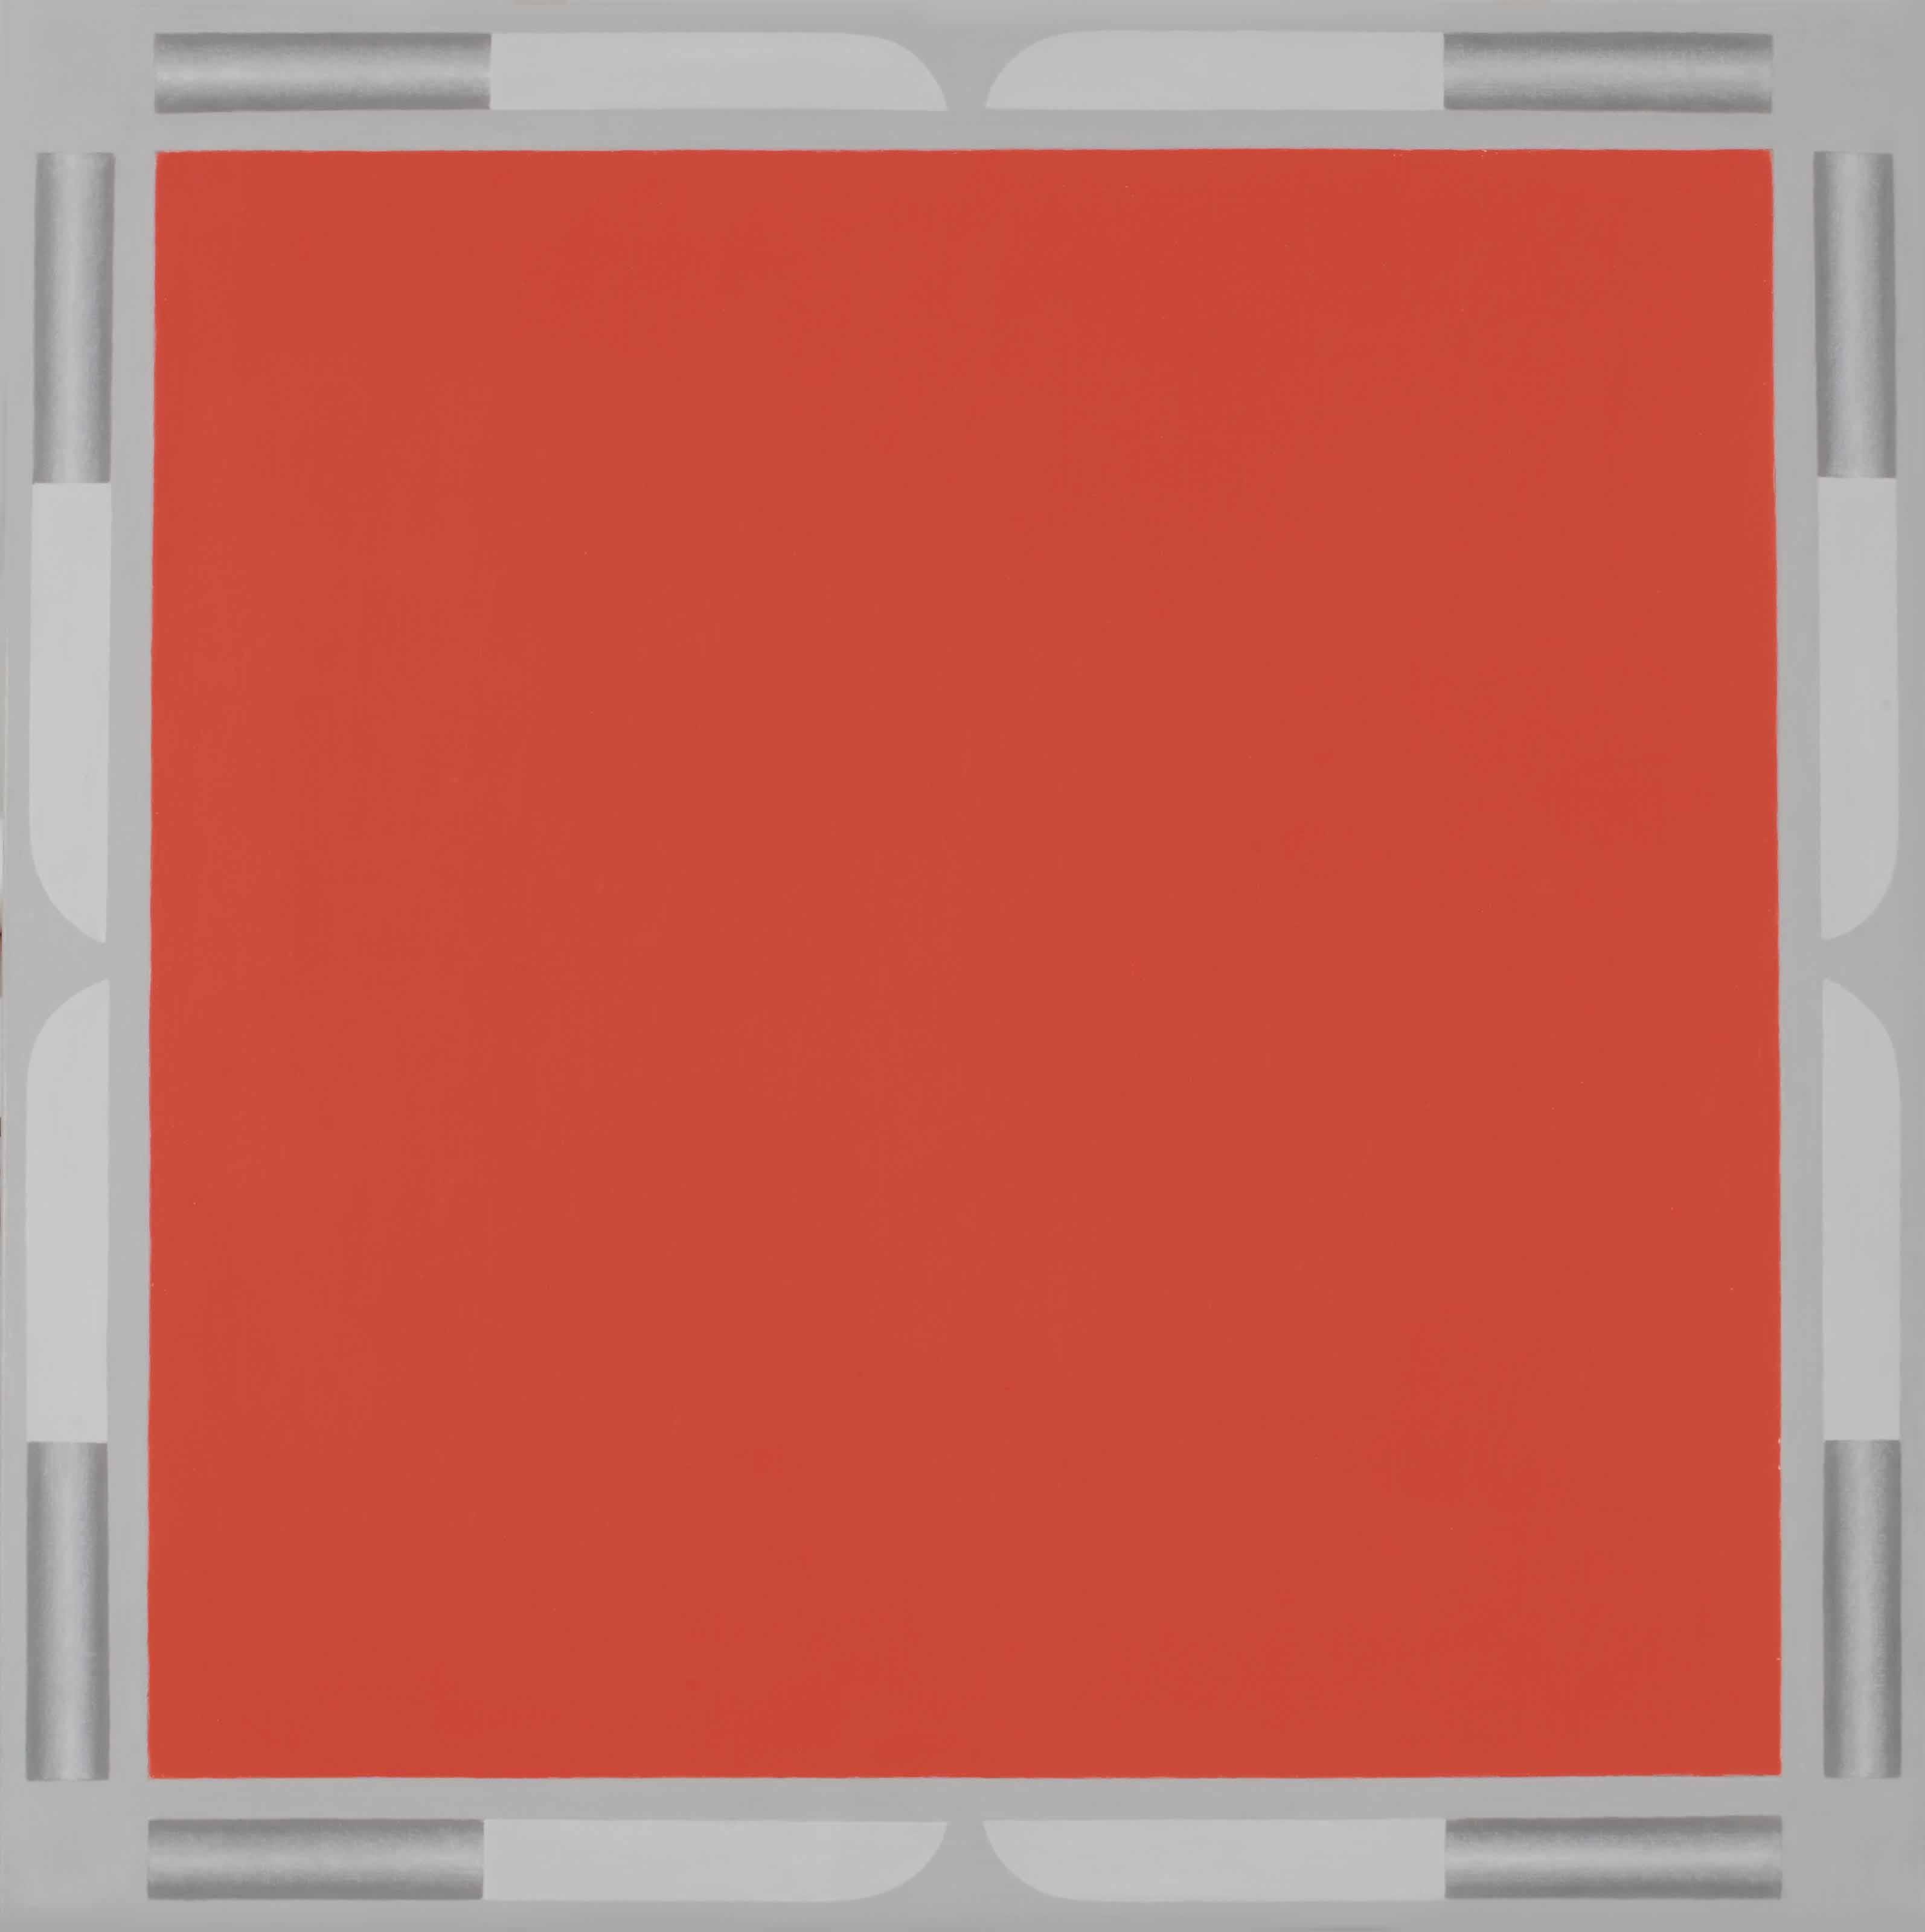 Rood vlak met messen